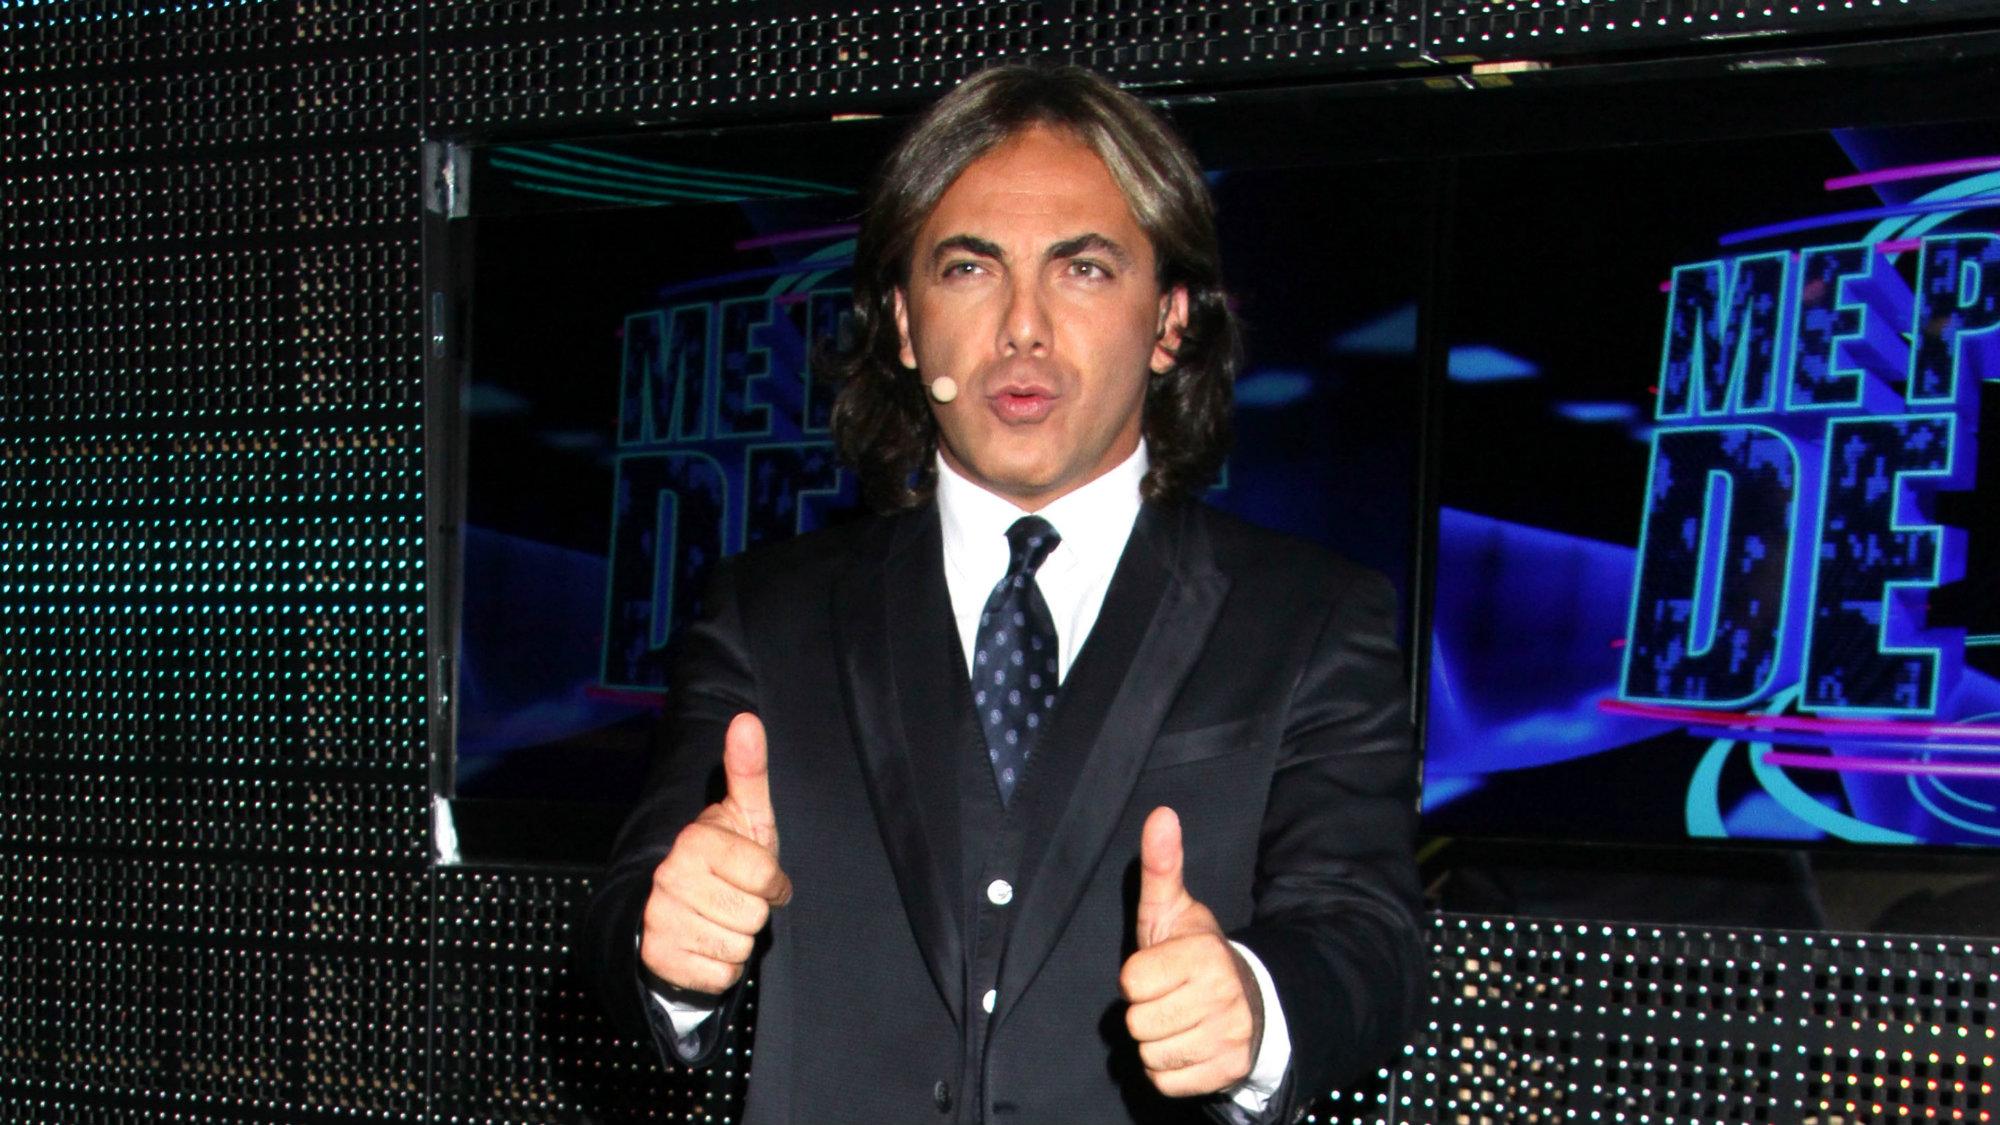 Cristian Castro le copia a las Kardashian lanzará reality show